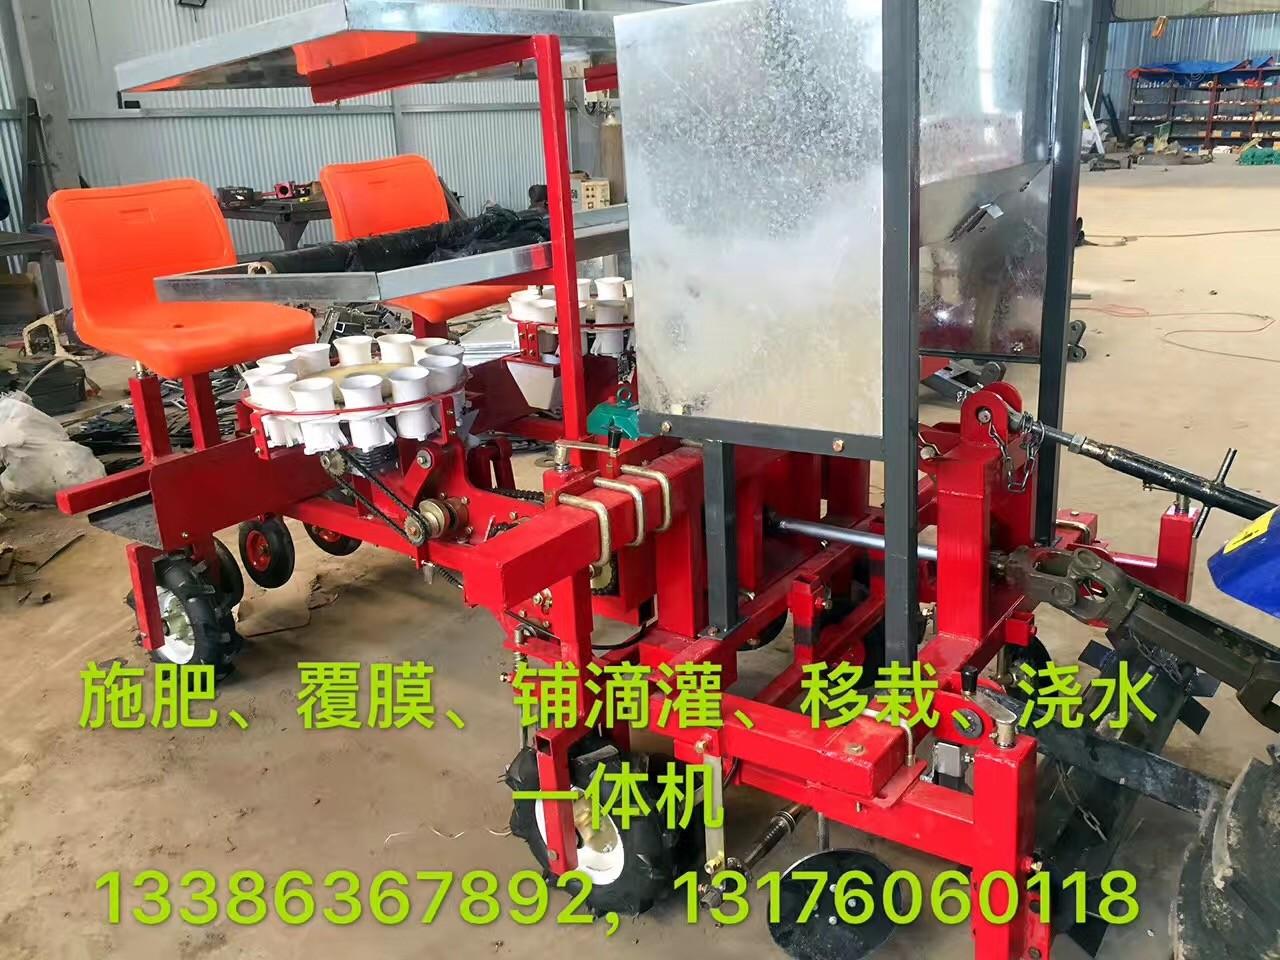 青州牵引式双行西兰花移栽机,想买价位合理的青州牵引式双行西兰花移栽机,就来皓泽农业装备